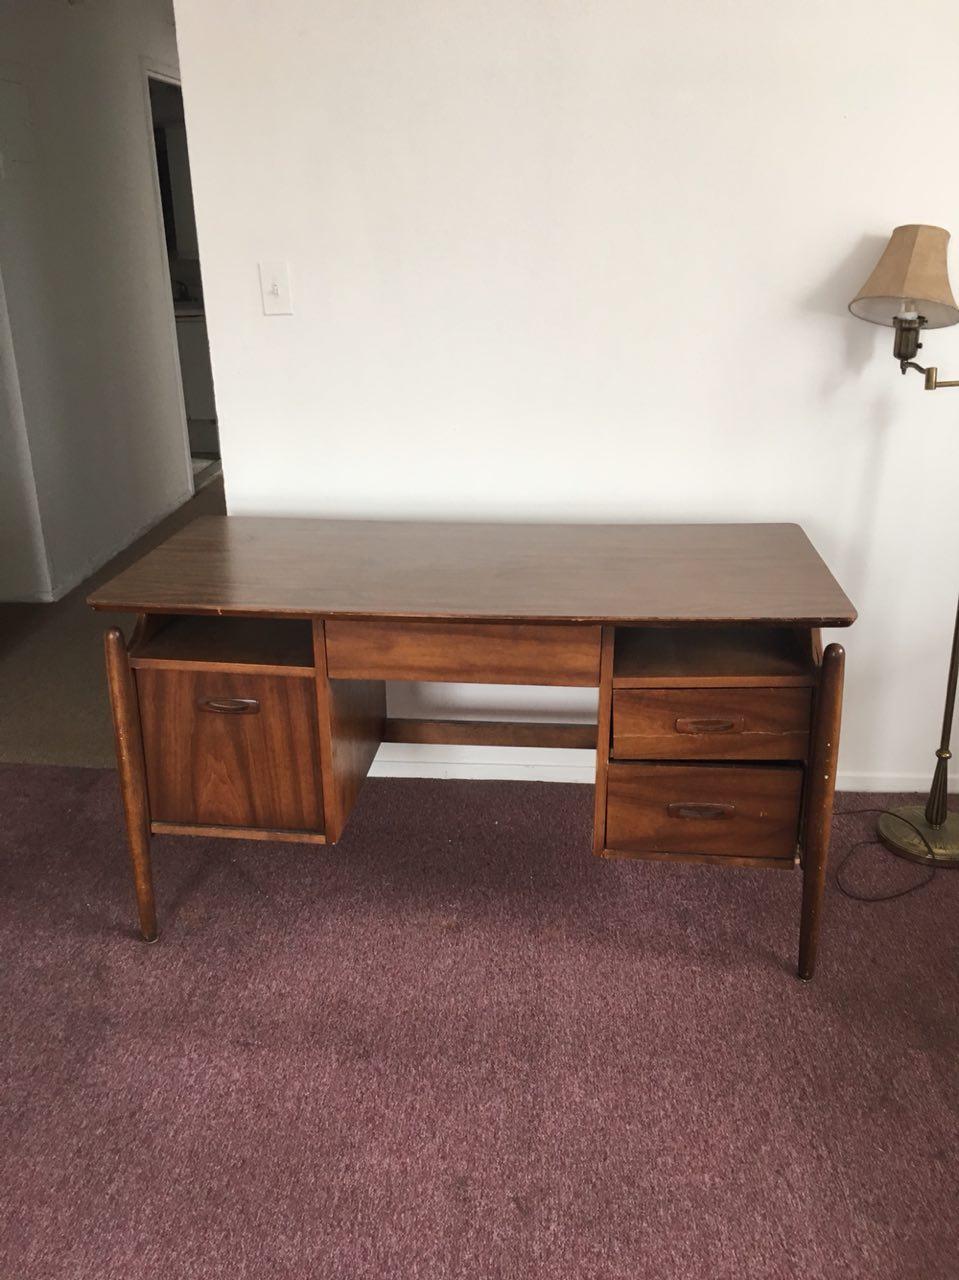 搬家便宜賣:椅子賣15美元。 桌子賣15美元,請聯繫:718-570-1223